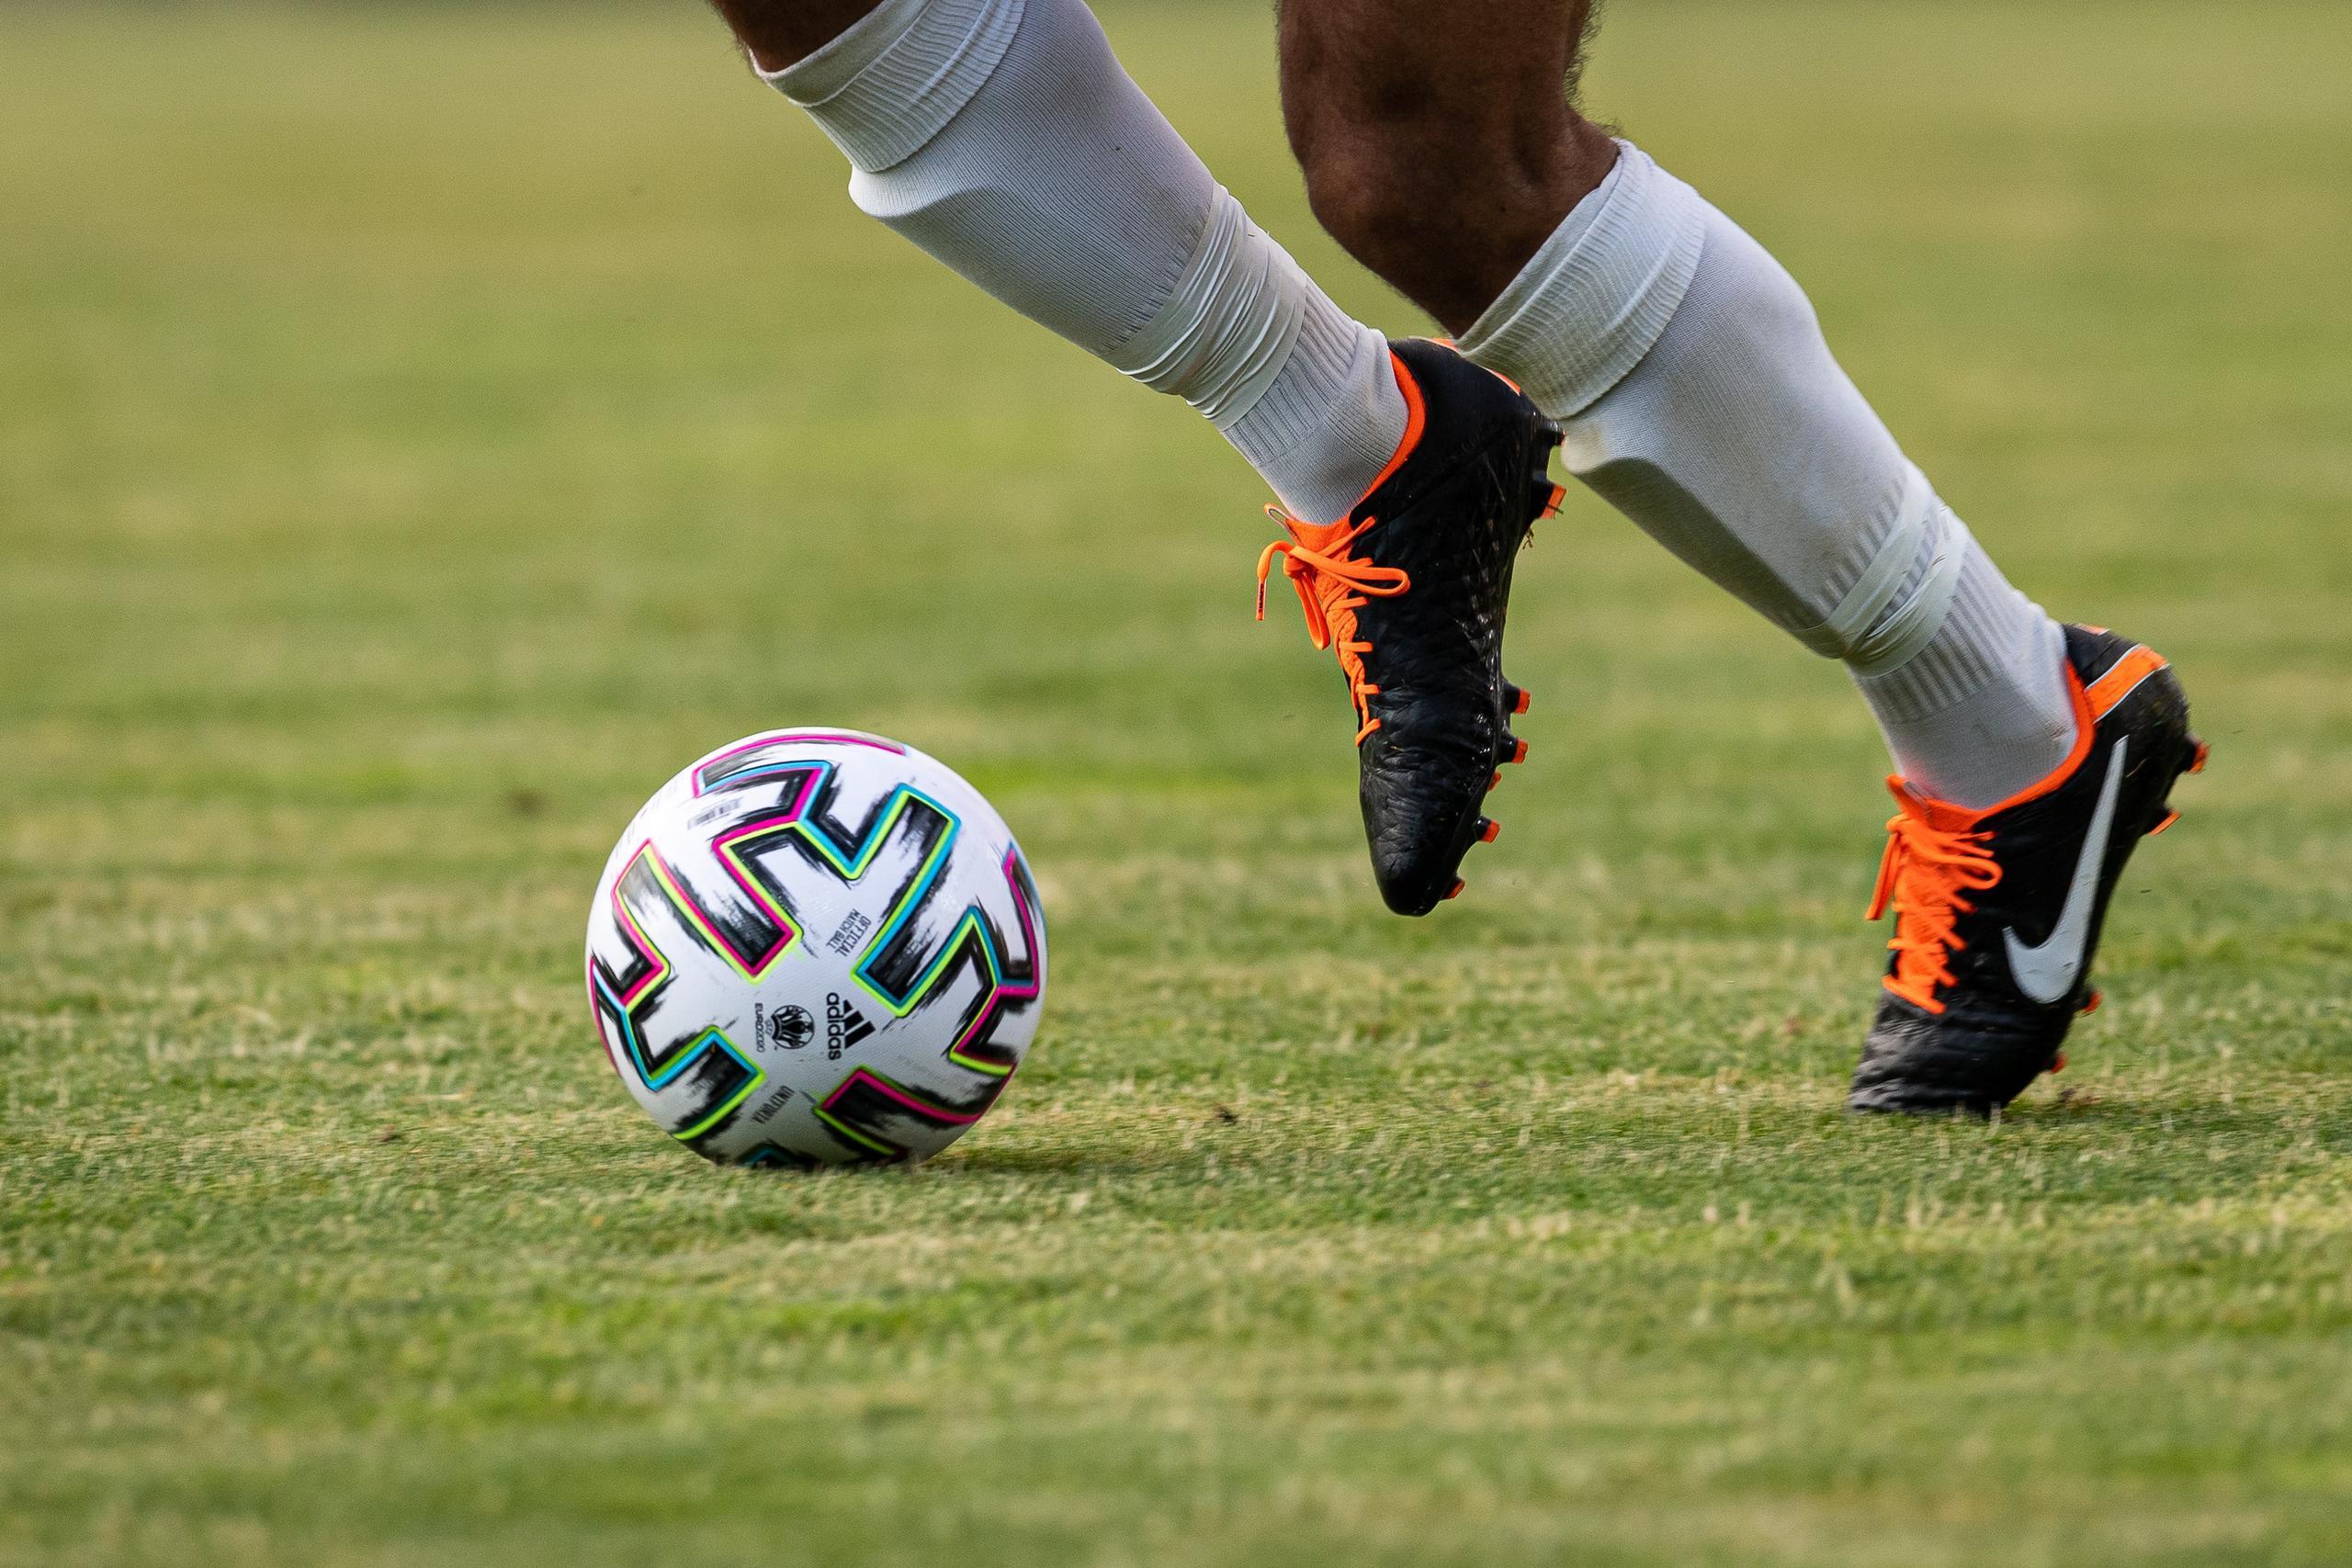 Göteborgsfotbollen tillåts spela för publik